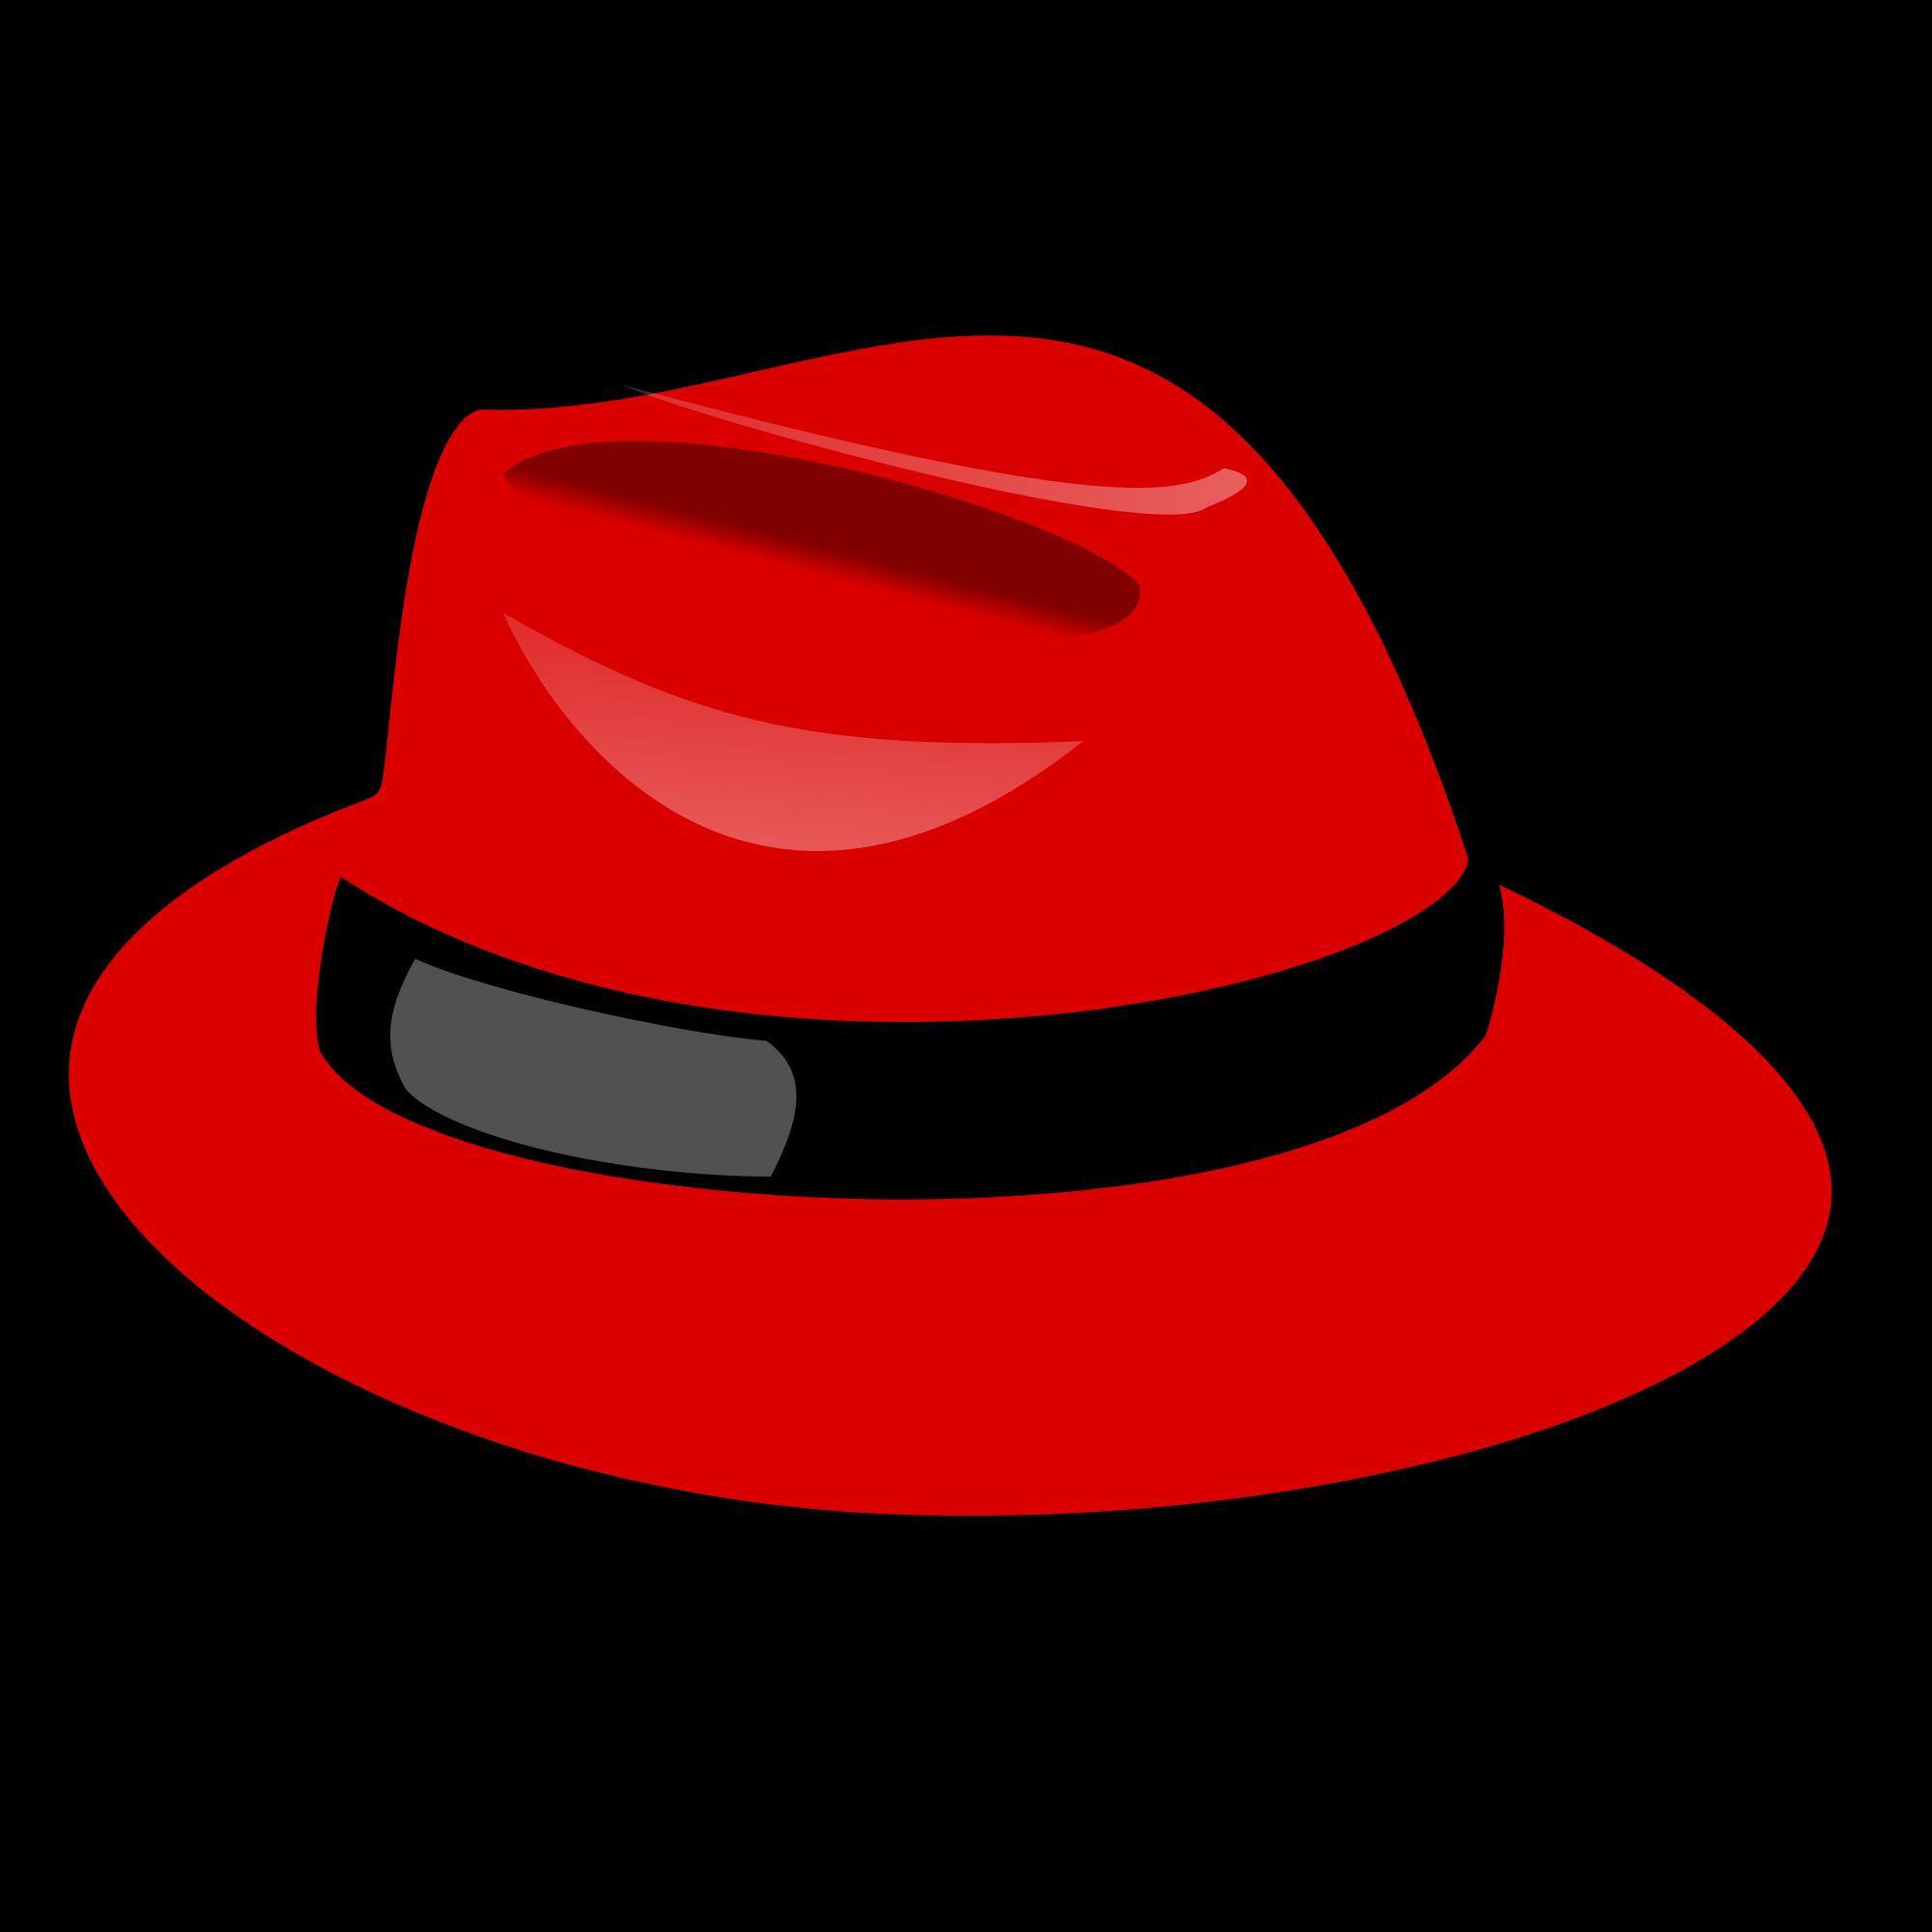 fedora clipart hat aussie